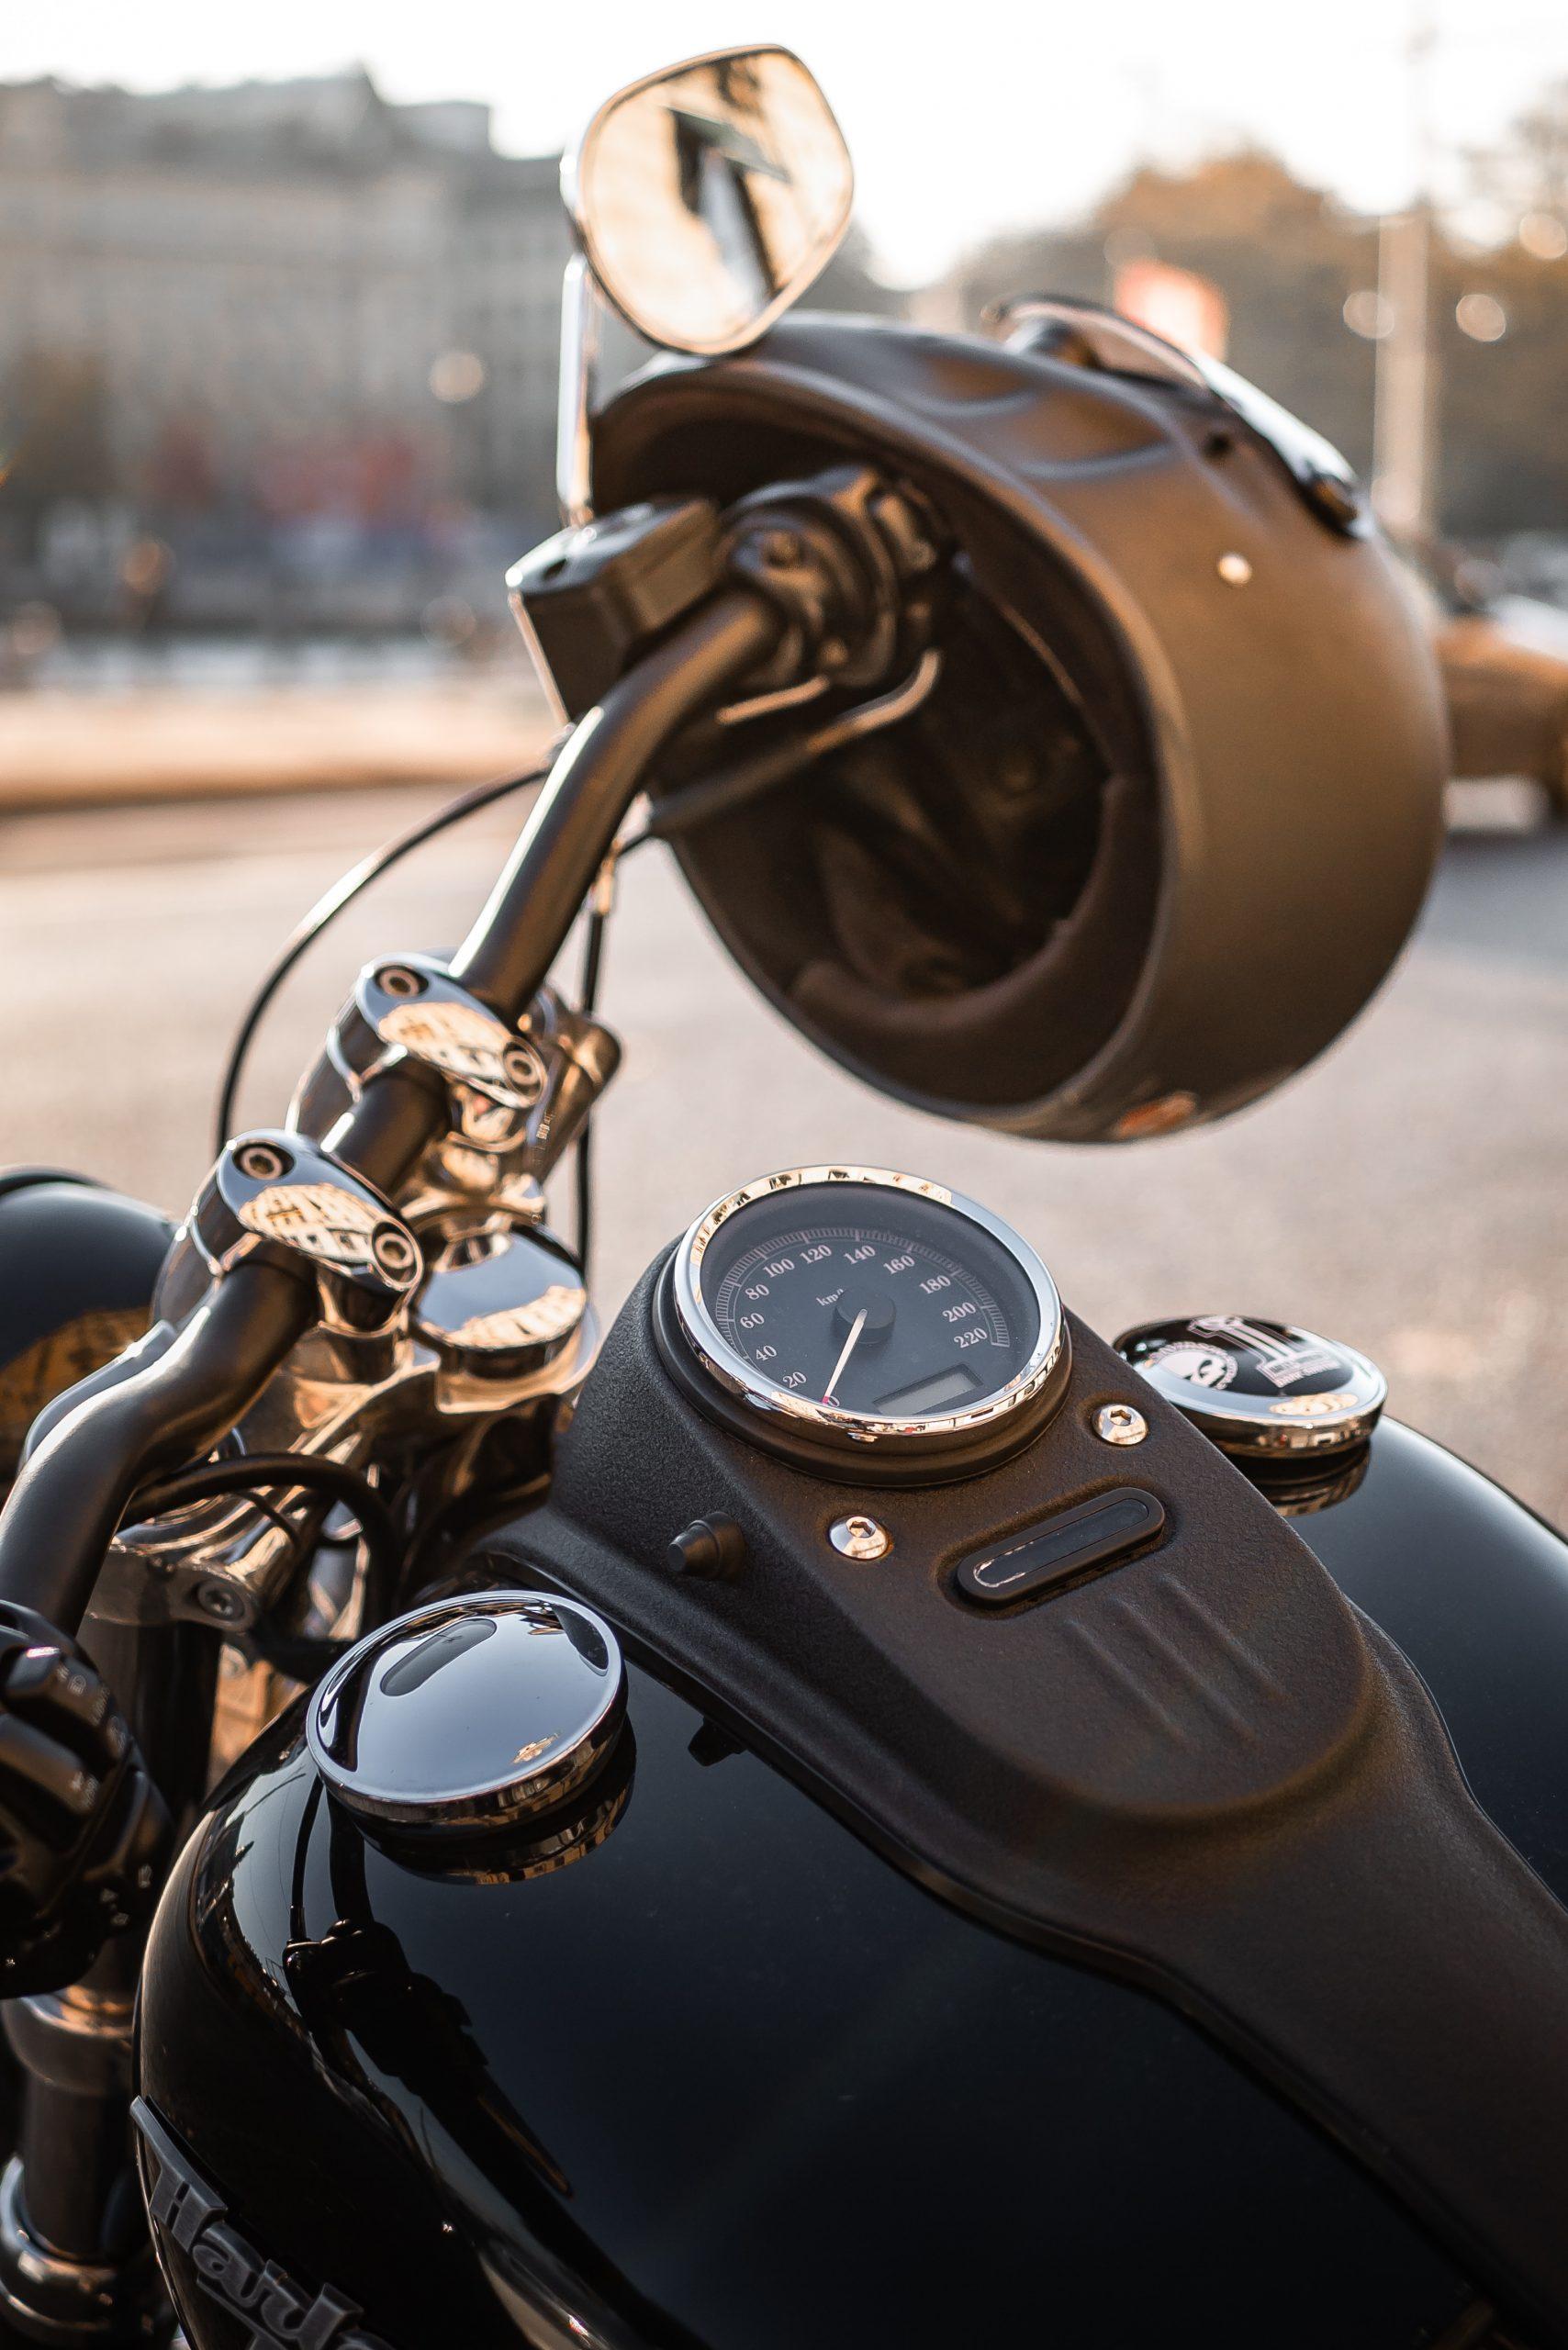 wallpaper Black motorcycle and black motorcycle helmet